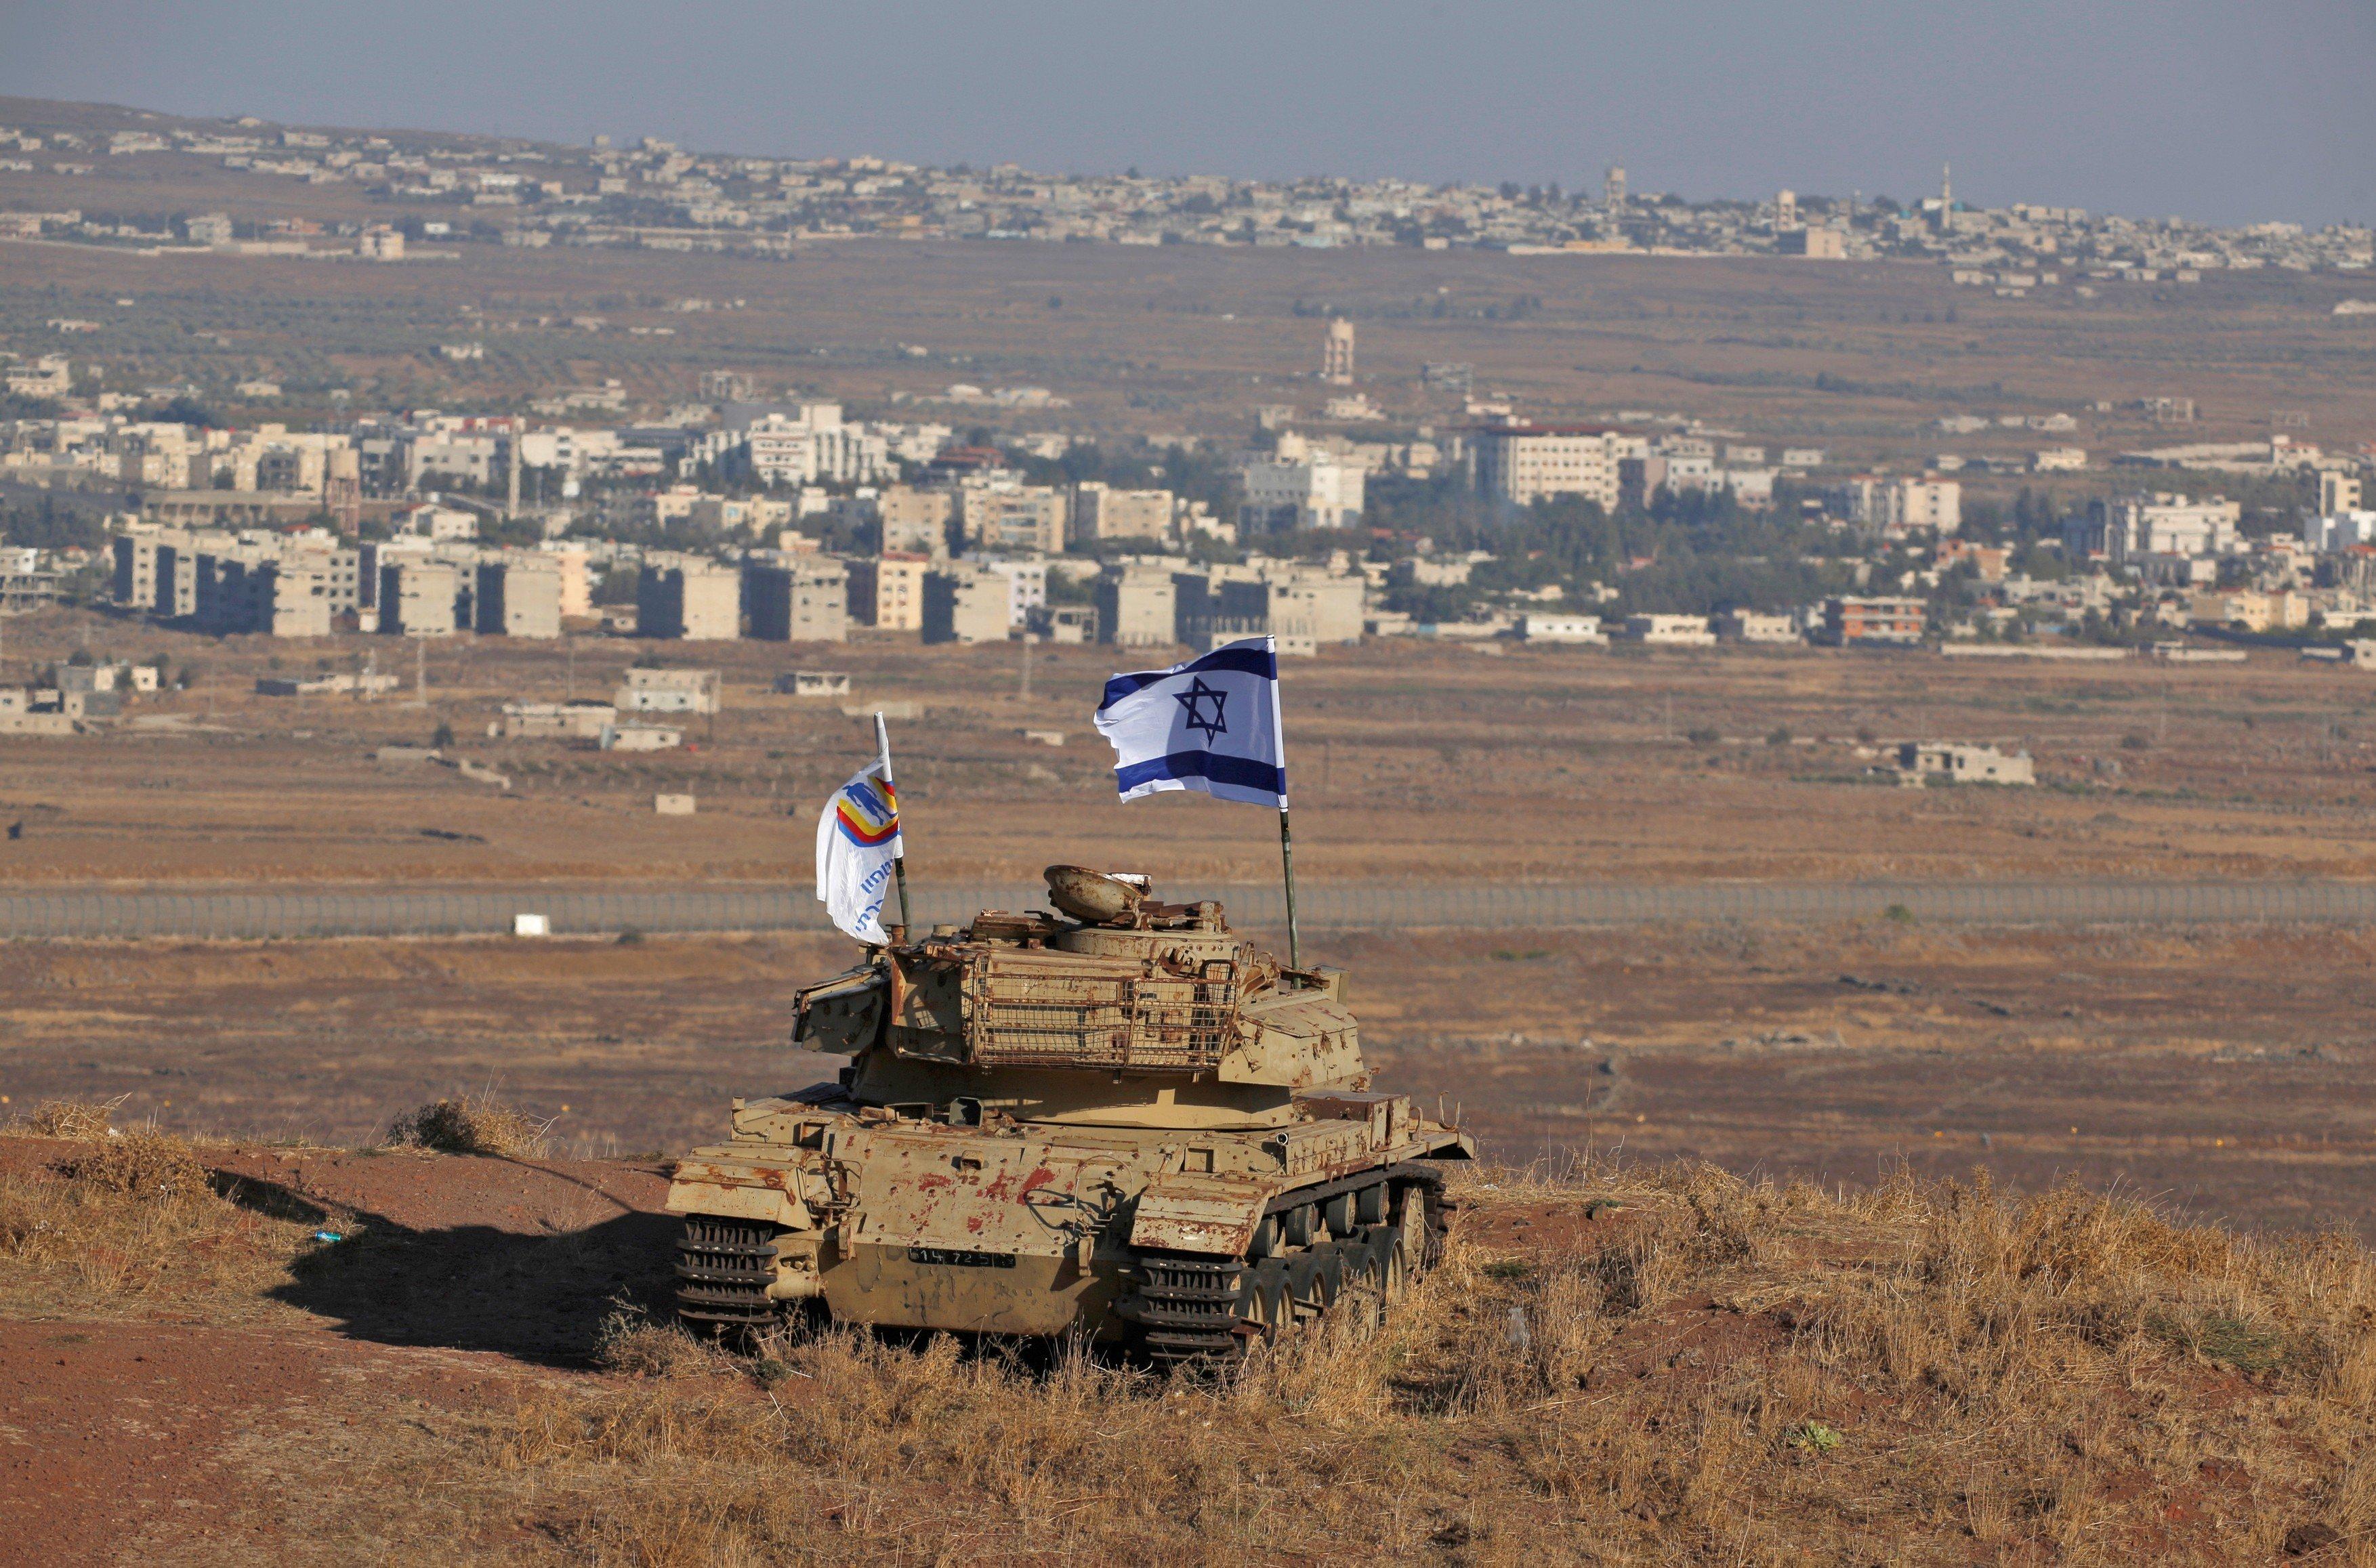 Vrak izraelského tanku ze syrsko-izraelských válek na Golanských výšinách